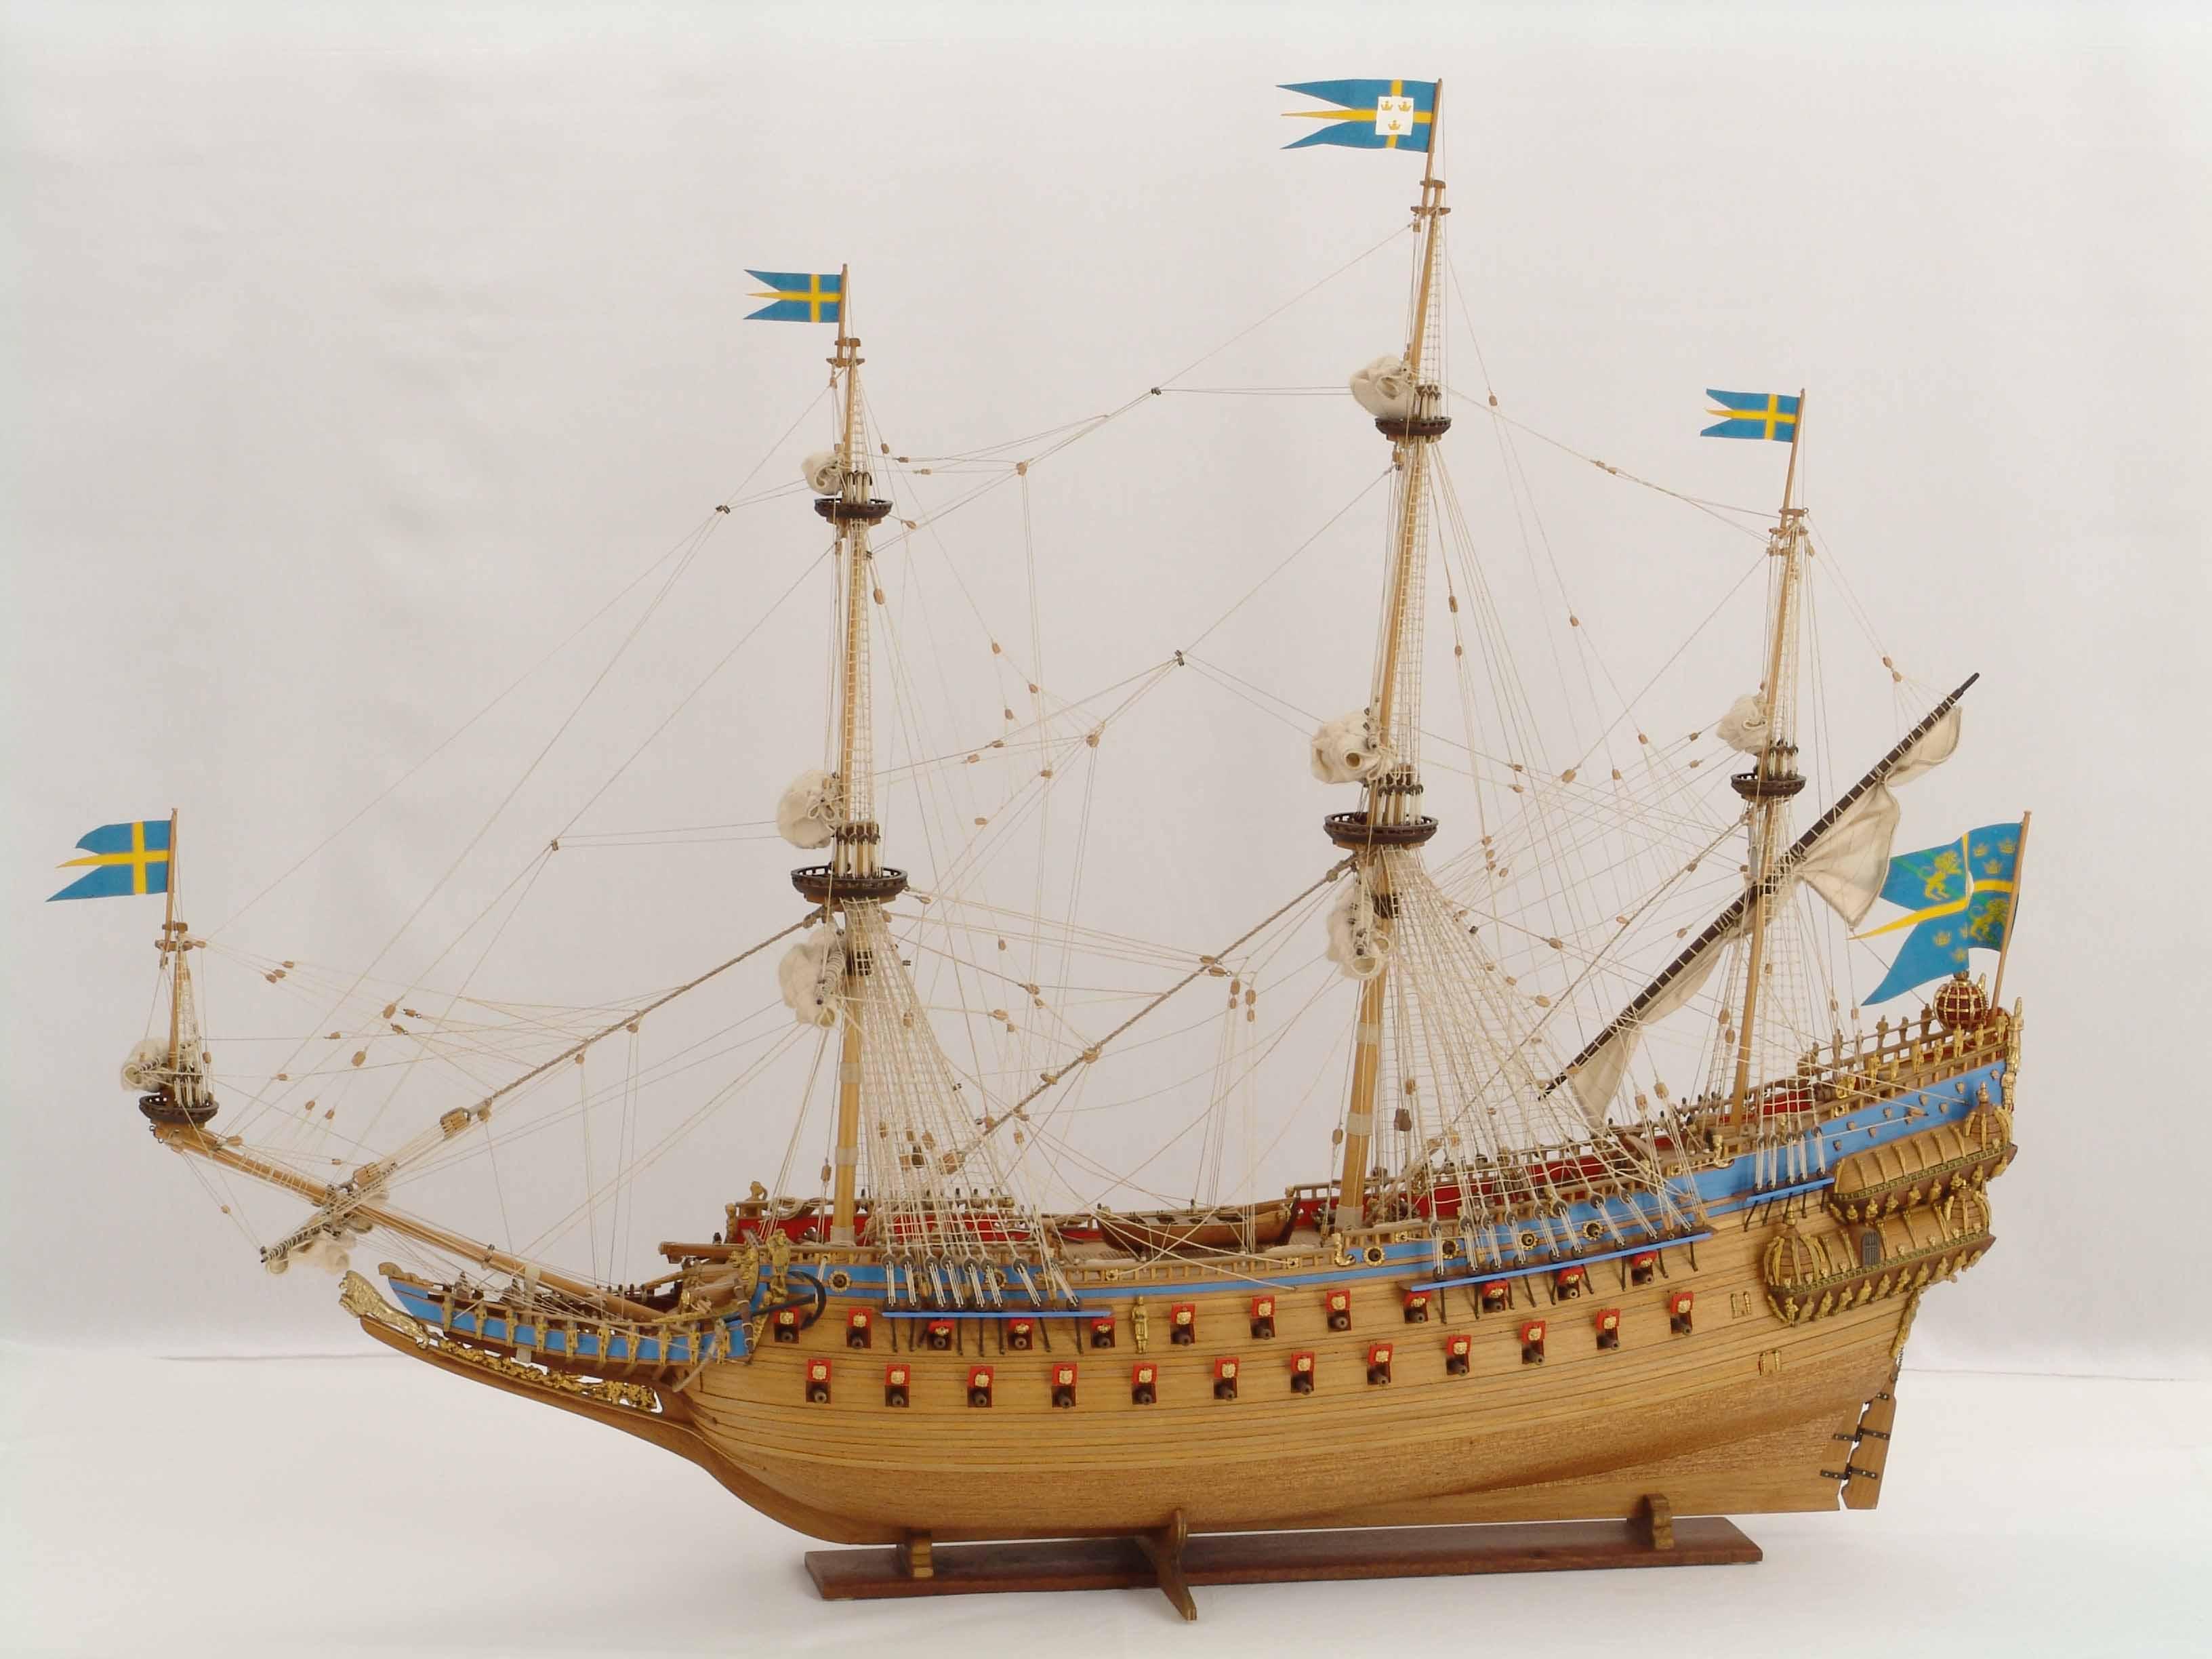 Swedish vasa of 1628 ship model for Vasa ship